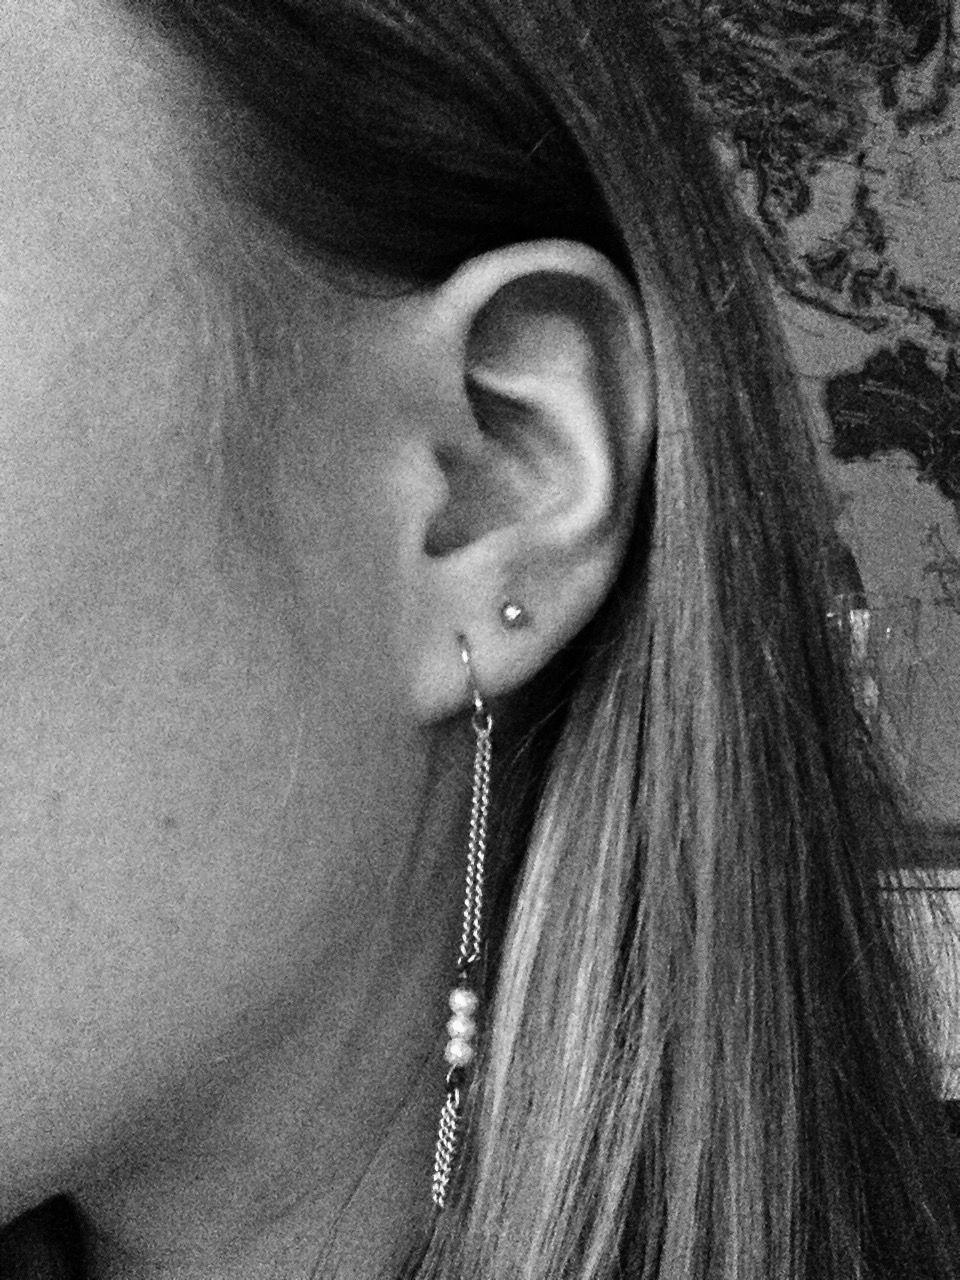 Second Ear Piercing  #earrings #earpiercing #secondearpiercing Second Ear Piercing  #earrings #earpiercing #secondearpiercing Second Ear Piercing  #earrings #earpiercing #secondearpiercing Second Ear Piercing  #earrings #earpiercing #secondearpiercing Second Ear Piercing  #earrings #earpiercing #secondearpiercing Second Ear Piercing  #earrings #earpiercing #secondearpiercing Second Ear Piercing  #earrings #earpiercing #secondearpiercing Second Ear Piercing  #earrings #earpiercing #secondearpiercing